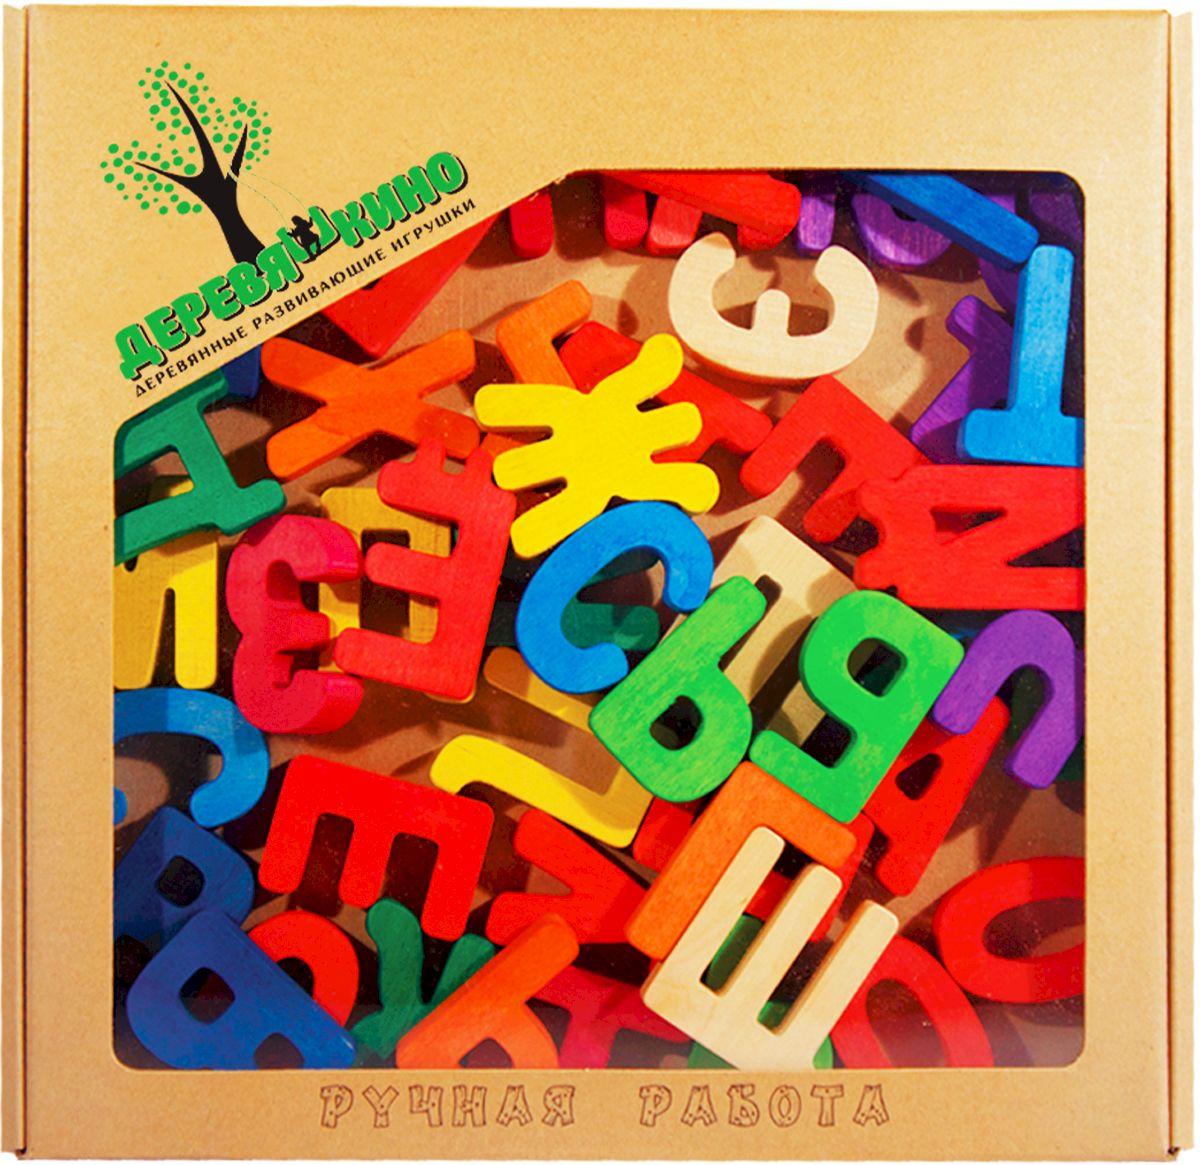 Деревяшкино Обучающая игра Буквы цветные79Развивающая тематическая игрушка (средней степени сложности) подходит для мальчиков и девочек в возрасте от 3 лет. В комплекте 52 буквы, высота одной буквы 6 см. Поможет в обучении малыша чтению и речи. Игра с цветными буквами поможет малышу изучить цвета. Развивает память, мелкую моторику детских ручек, усидчивость и терпение. Теперь обучение буквам и чтению станет намного проще и интереснее, ведь все это происходит в игровой форме. Экологически чистый продукт: изготовлено вручную из массива березы. Игрушка раскрашена пищевой водостойкой краской, что делает взаимодействие с изделием абсолютно безопасным: никаких лаков, «химии» или добавок.